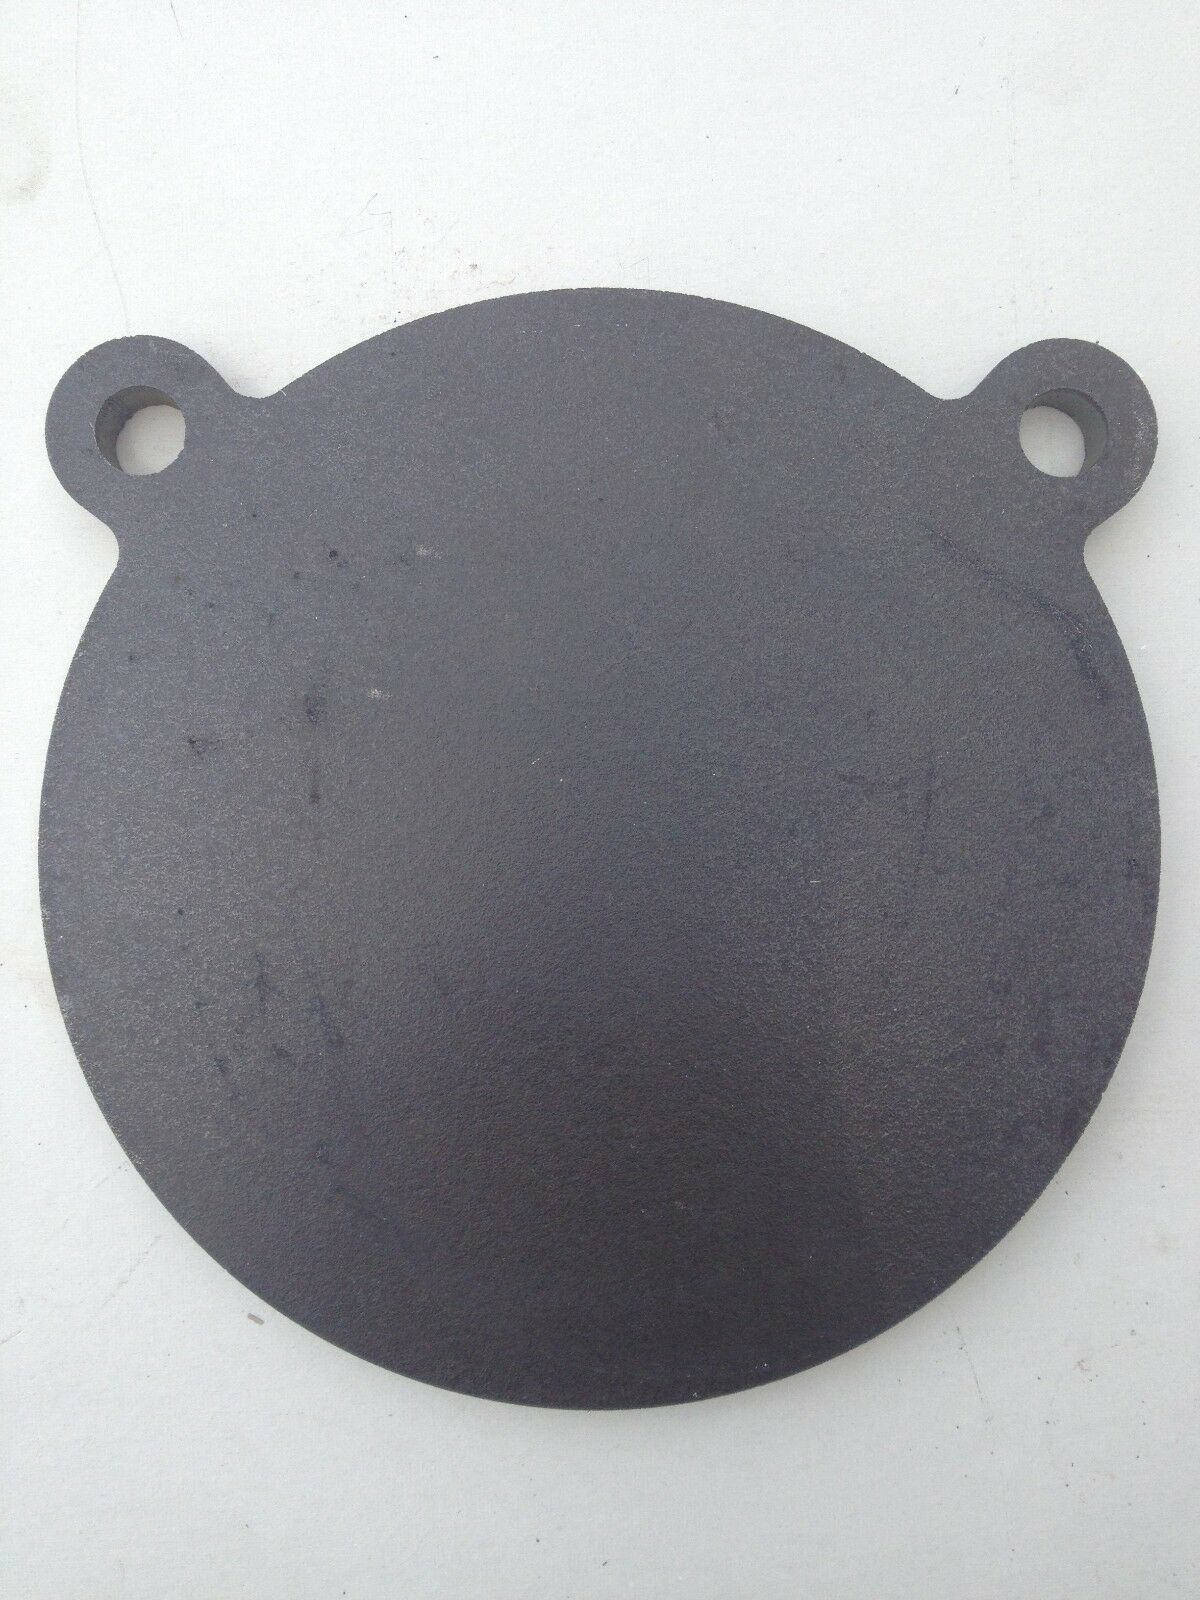 AR500 gong steel shooting target, 3/8